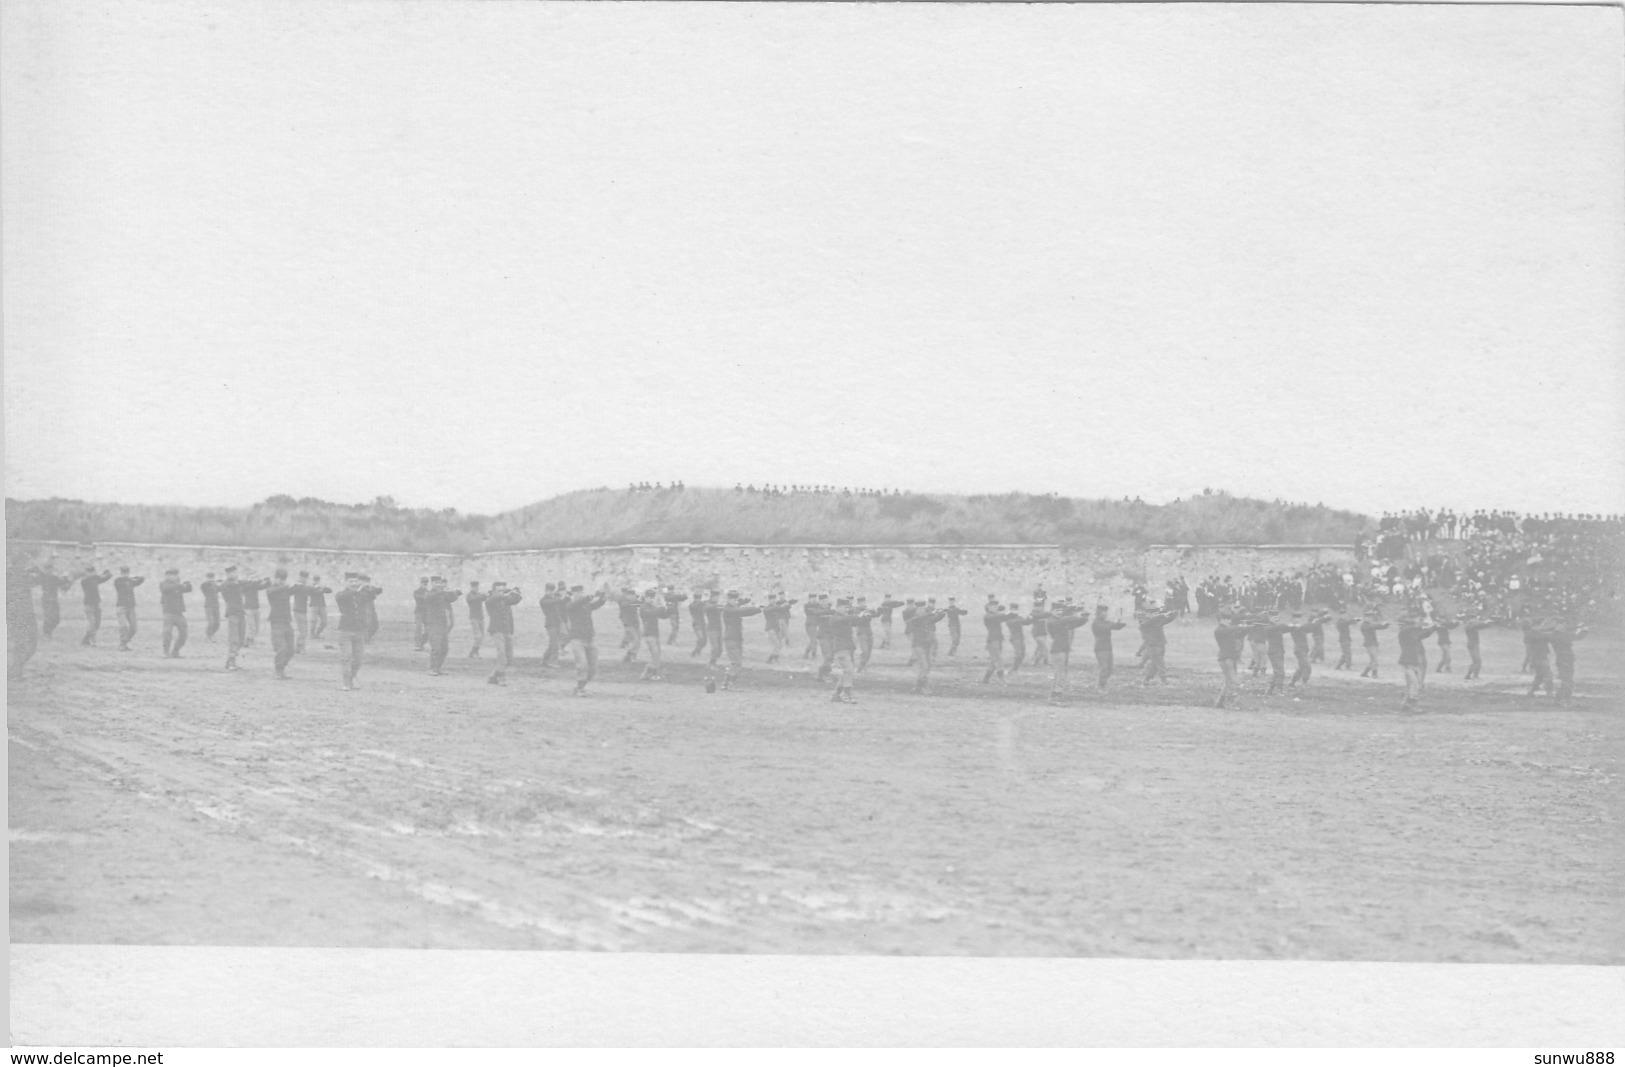 Namur - Lot 7 Cartes Photo Plateau De La Citadelle - Fête Militaire Manoeuvres Démonstration 1906 RARE Top Animation - Namur